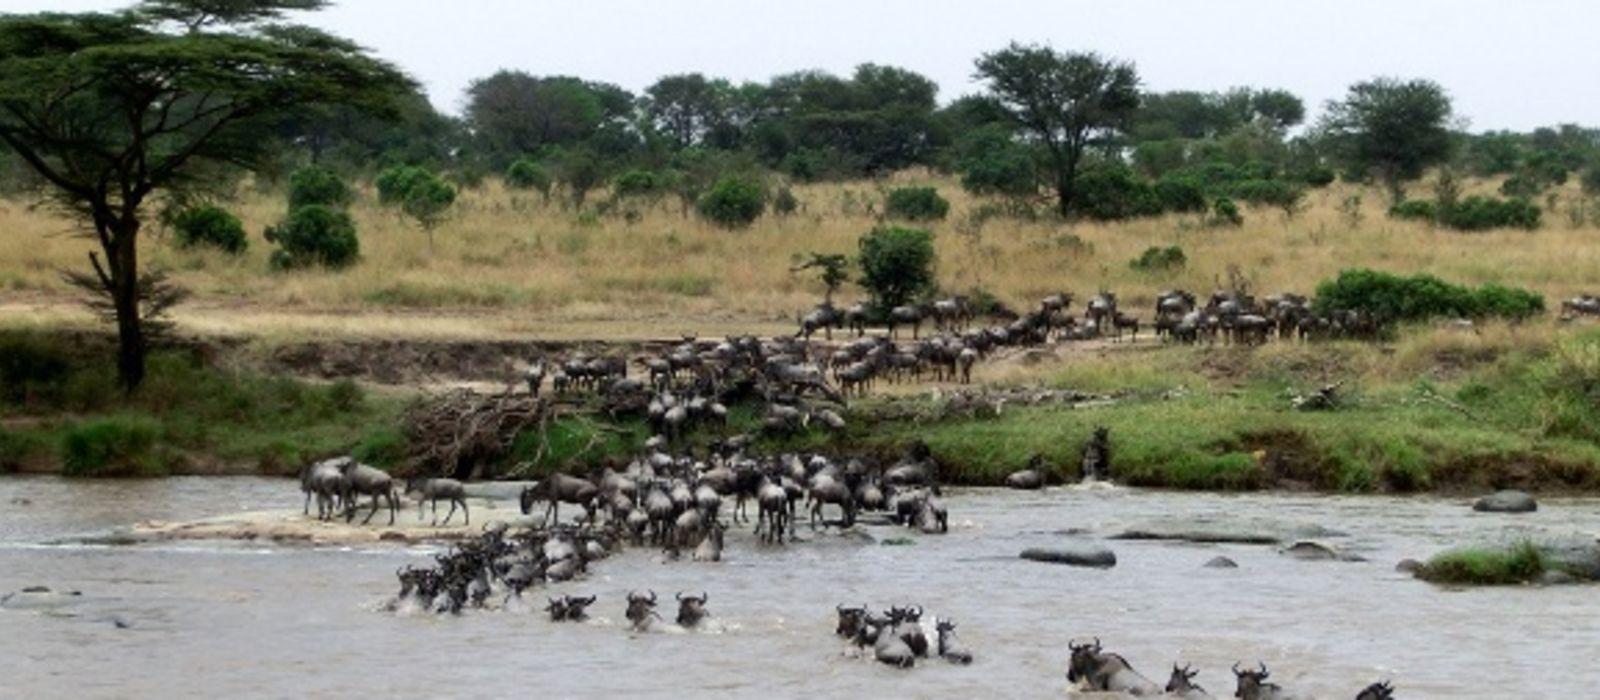 Tansania und Ruanda: Gorilla Trekking und Safari Abenteuer Urlaub 4